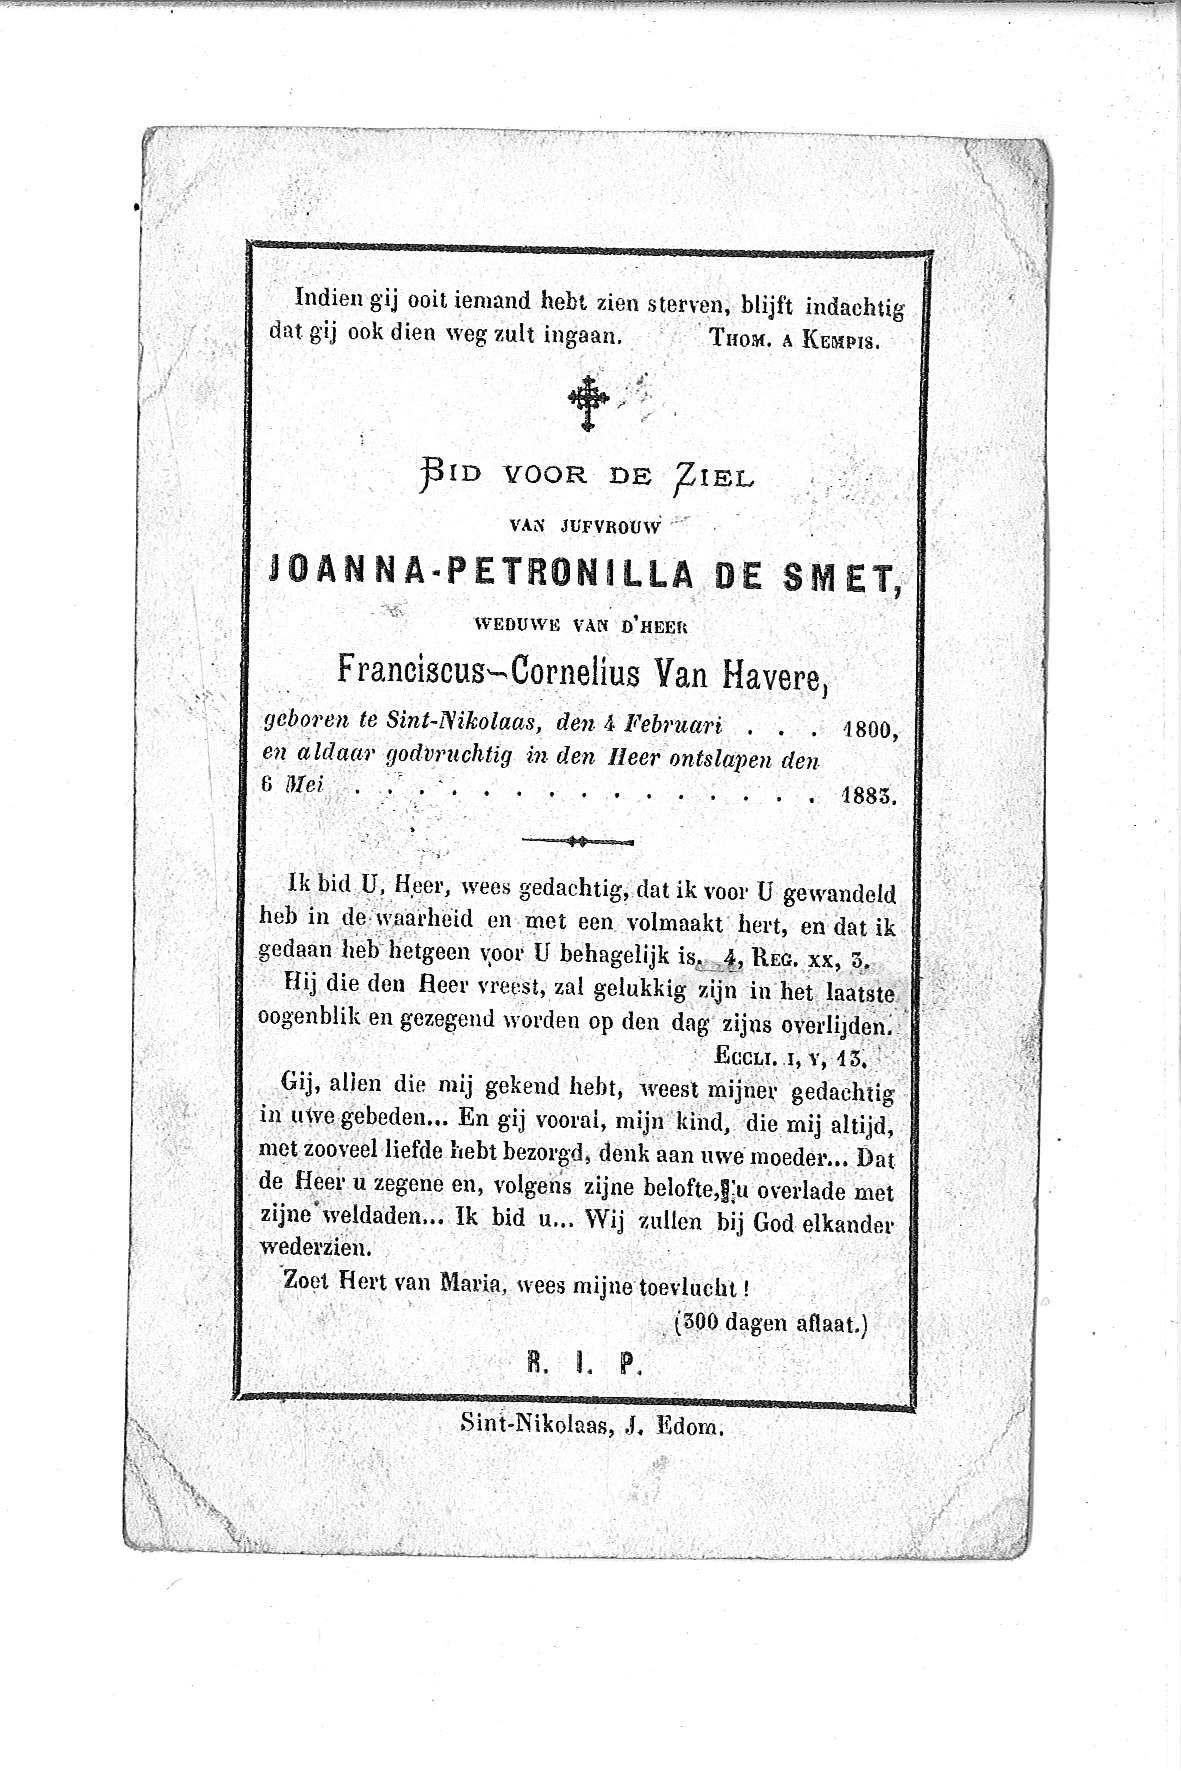 Joanna-Petronilla (1883) 20120504095506_00111.jpg